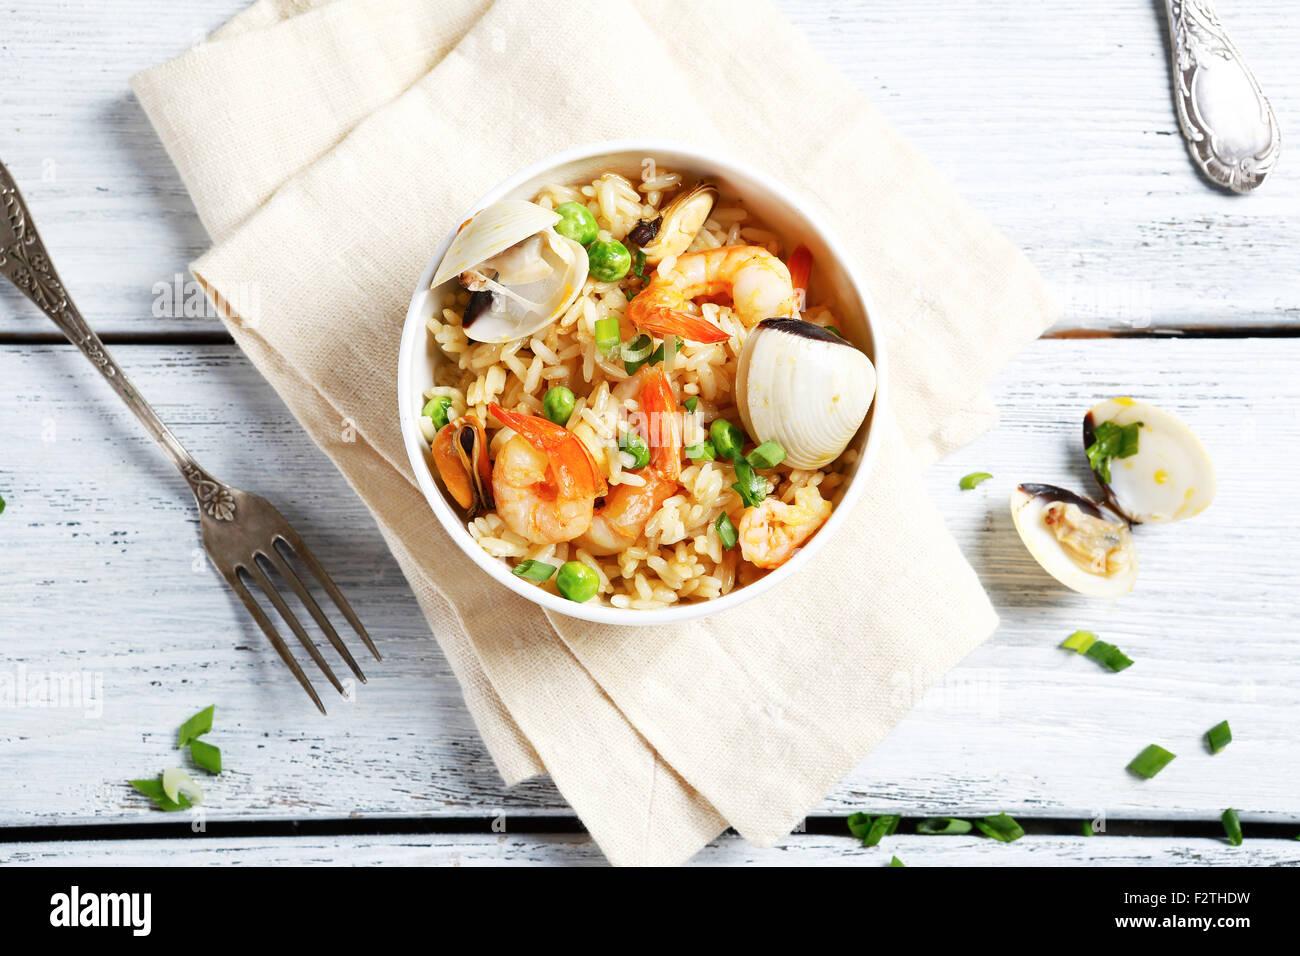 Alimentar el arroz con camarones y mejillones, los alimentos Imagen De Stock